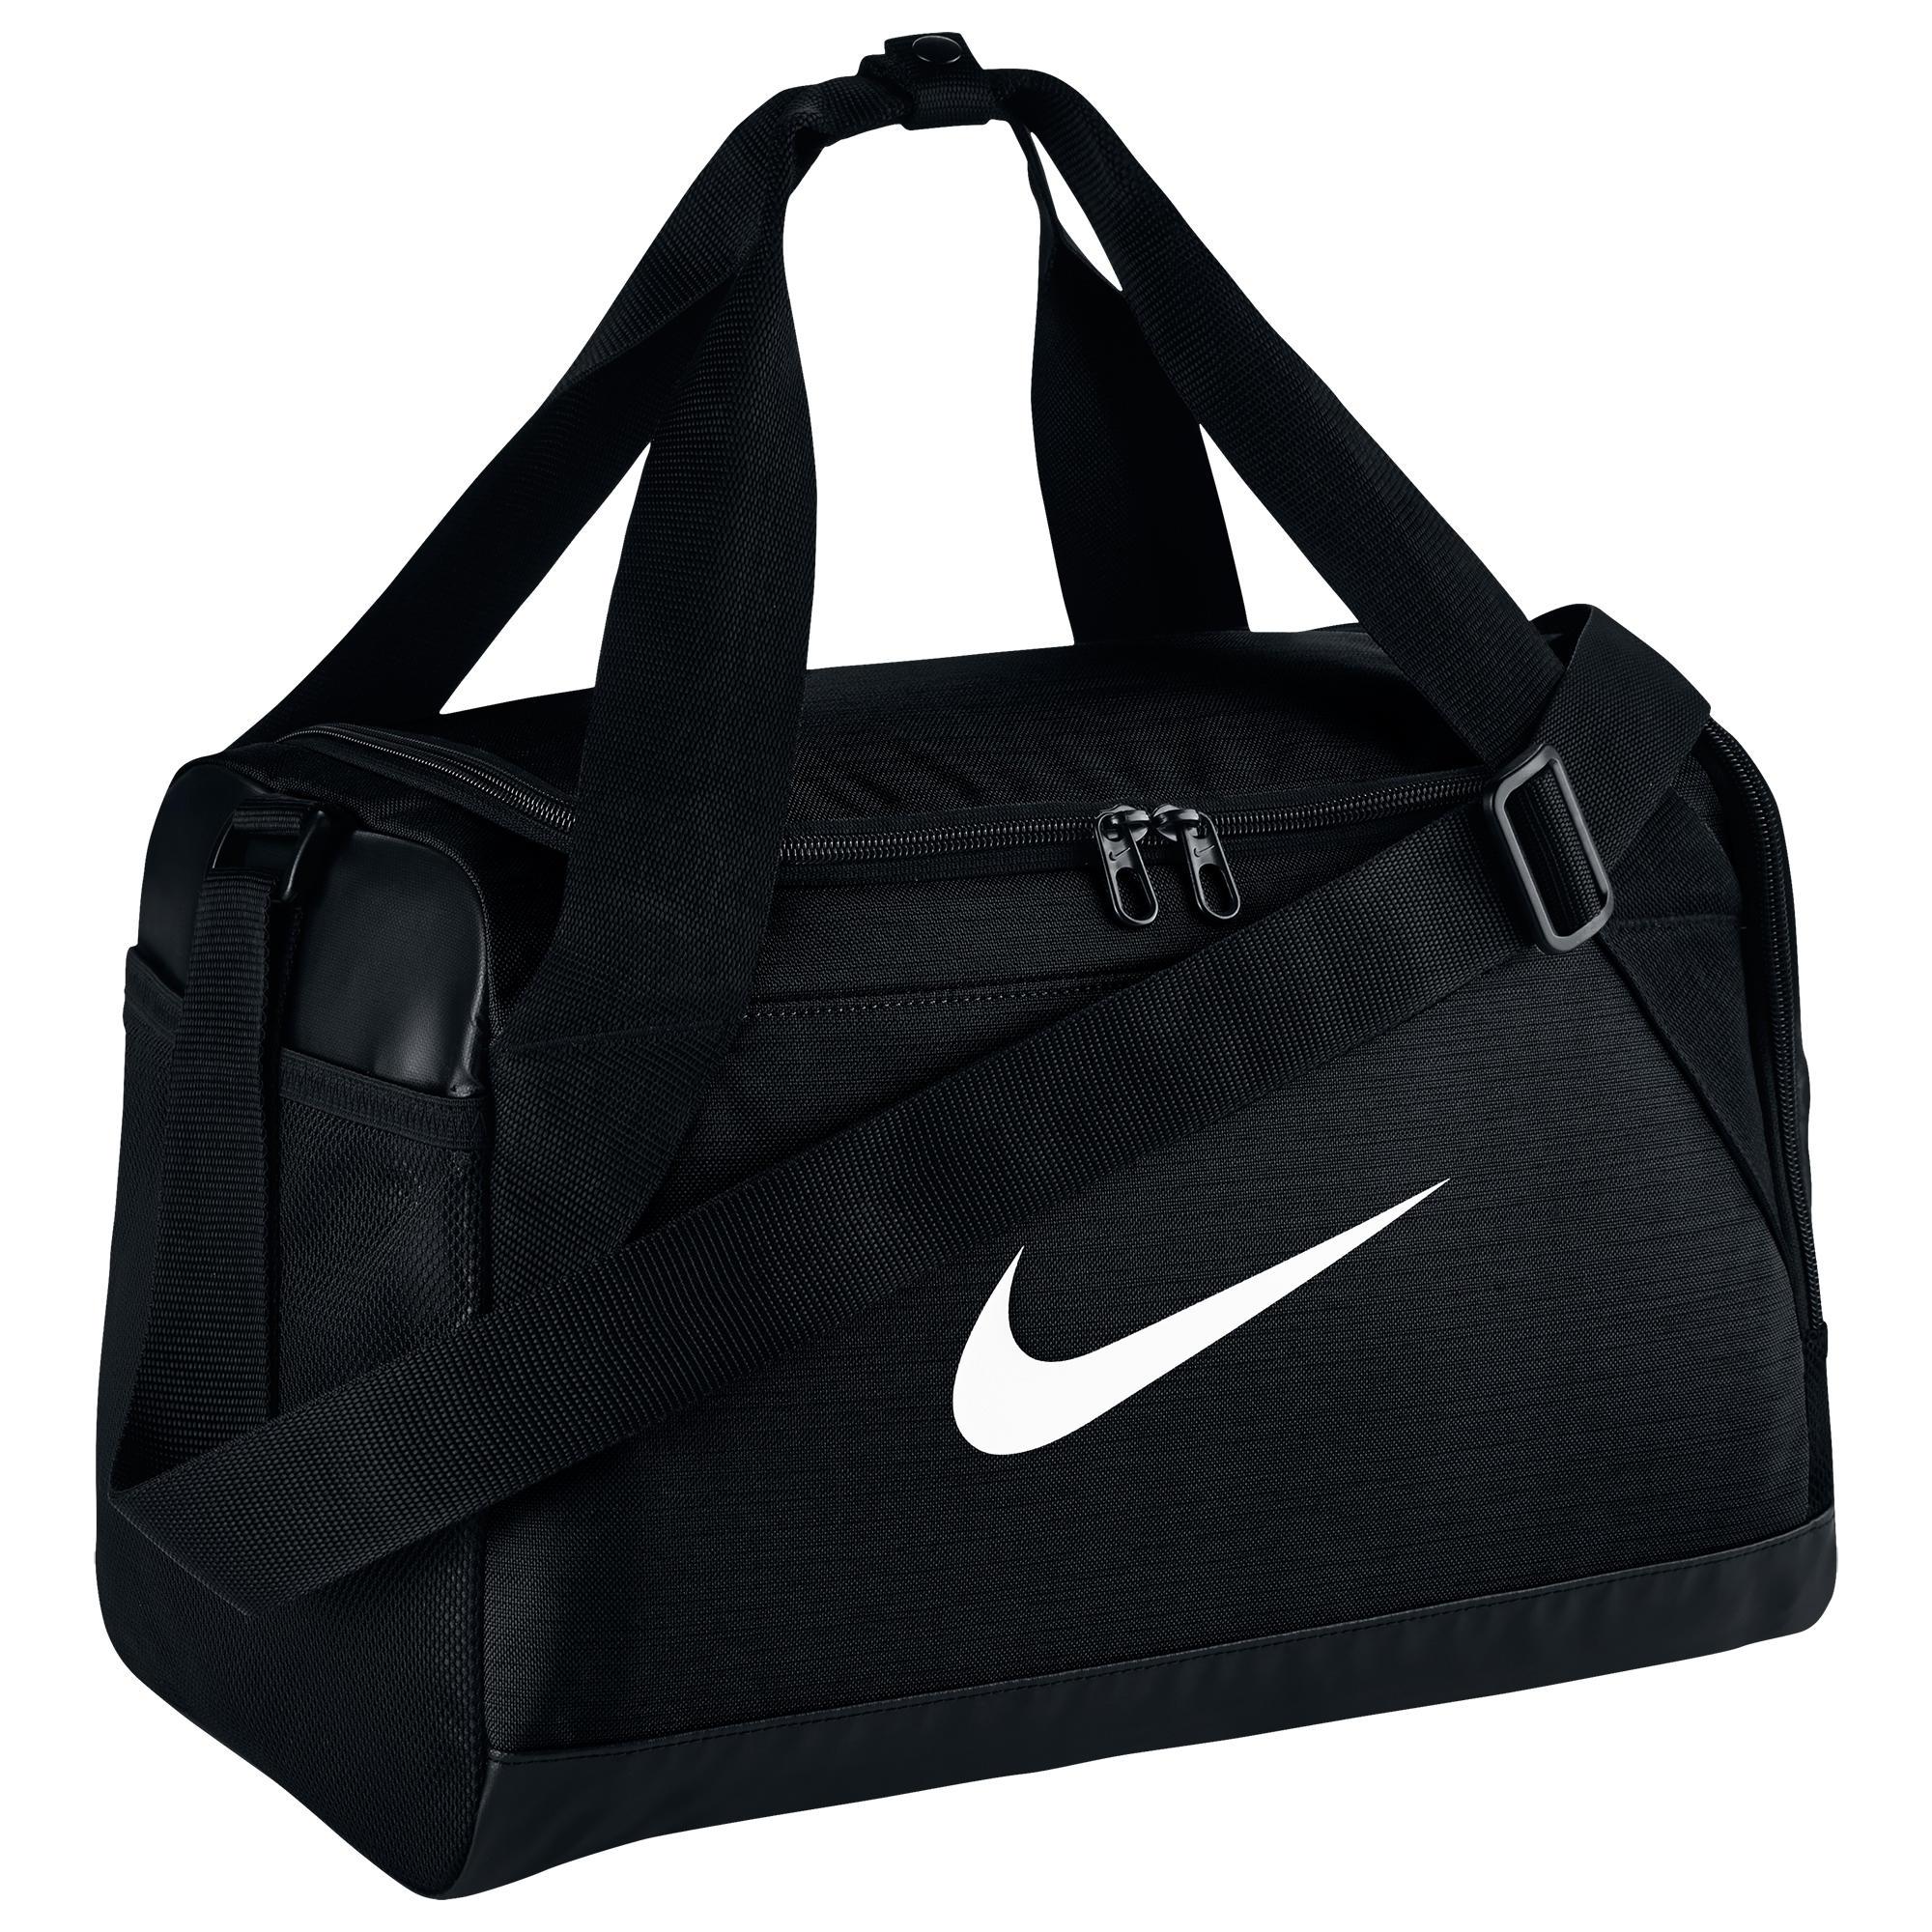 Nike Sporttas Brasilia voor teamsport maat XS 27 liter zwart